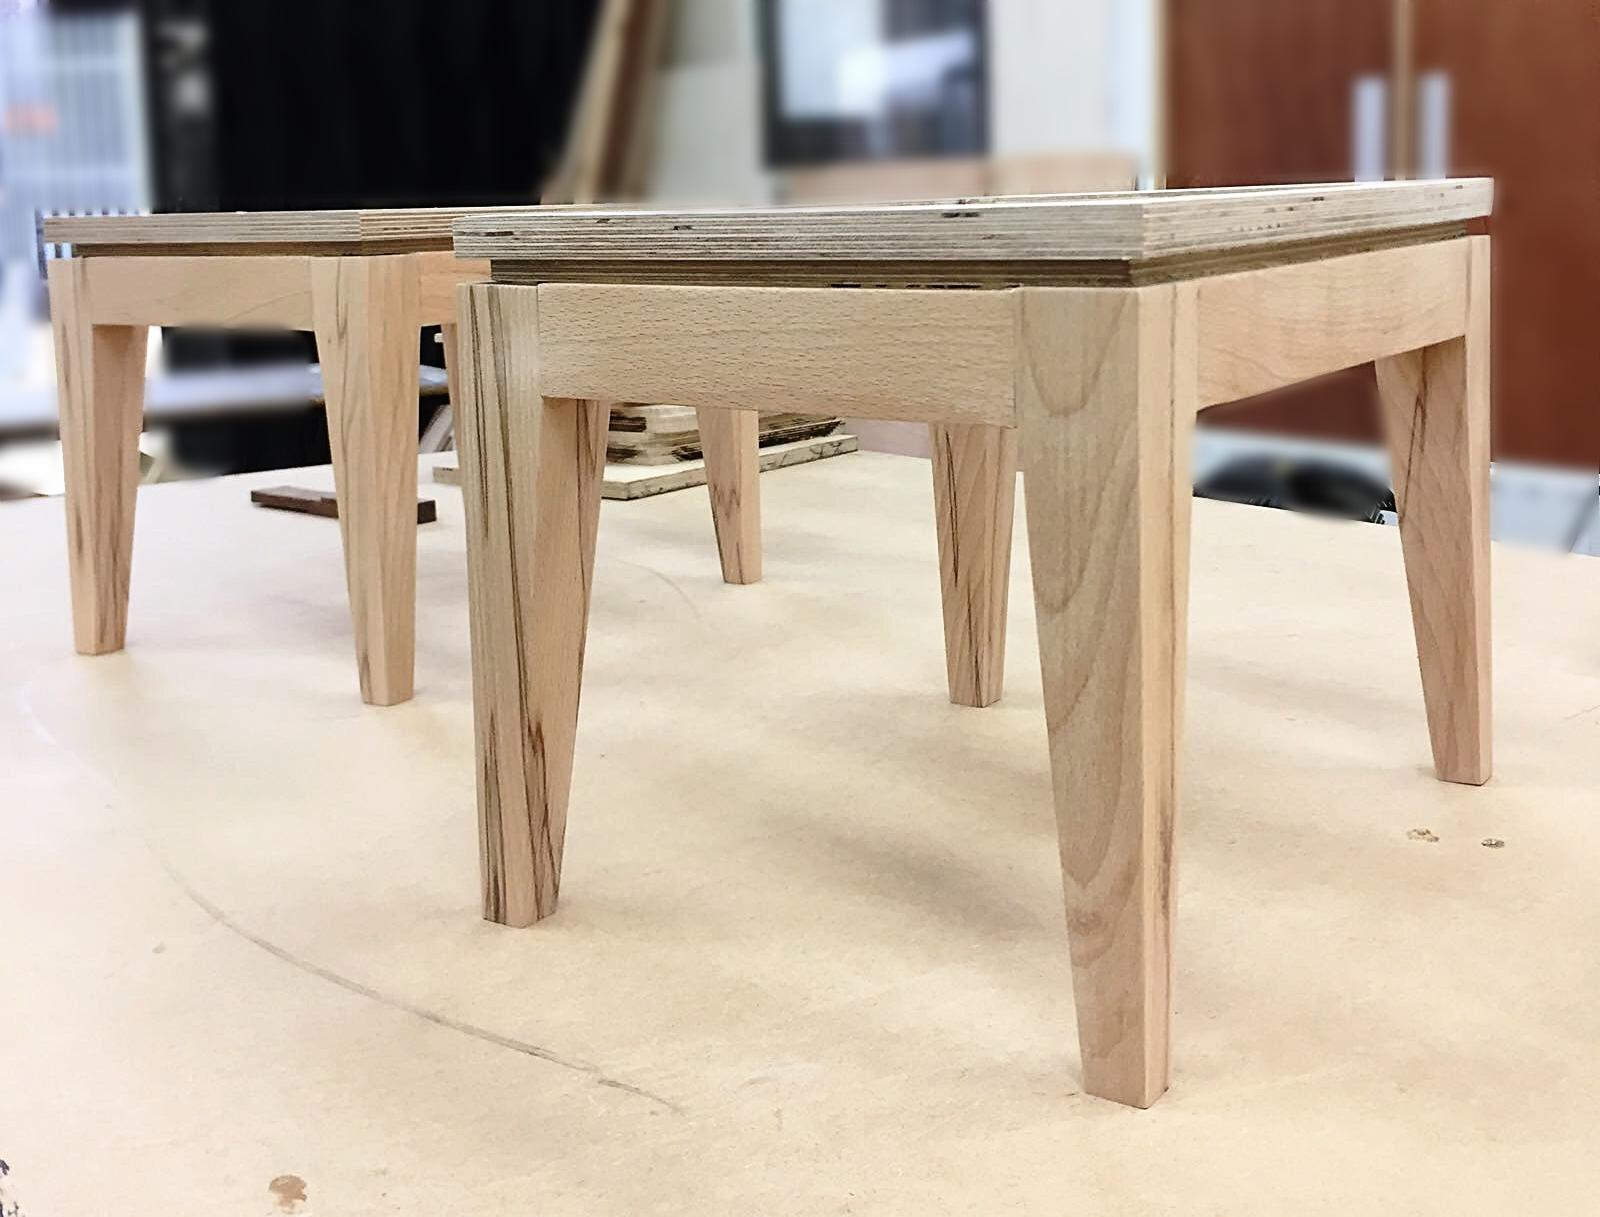 Stool fRAMES - Bespoke stool frames